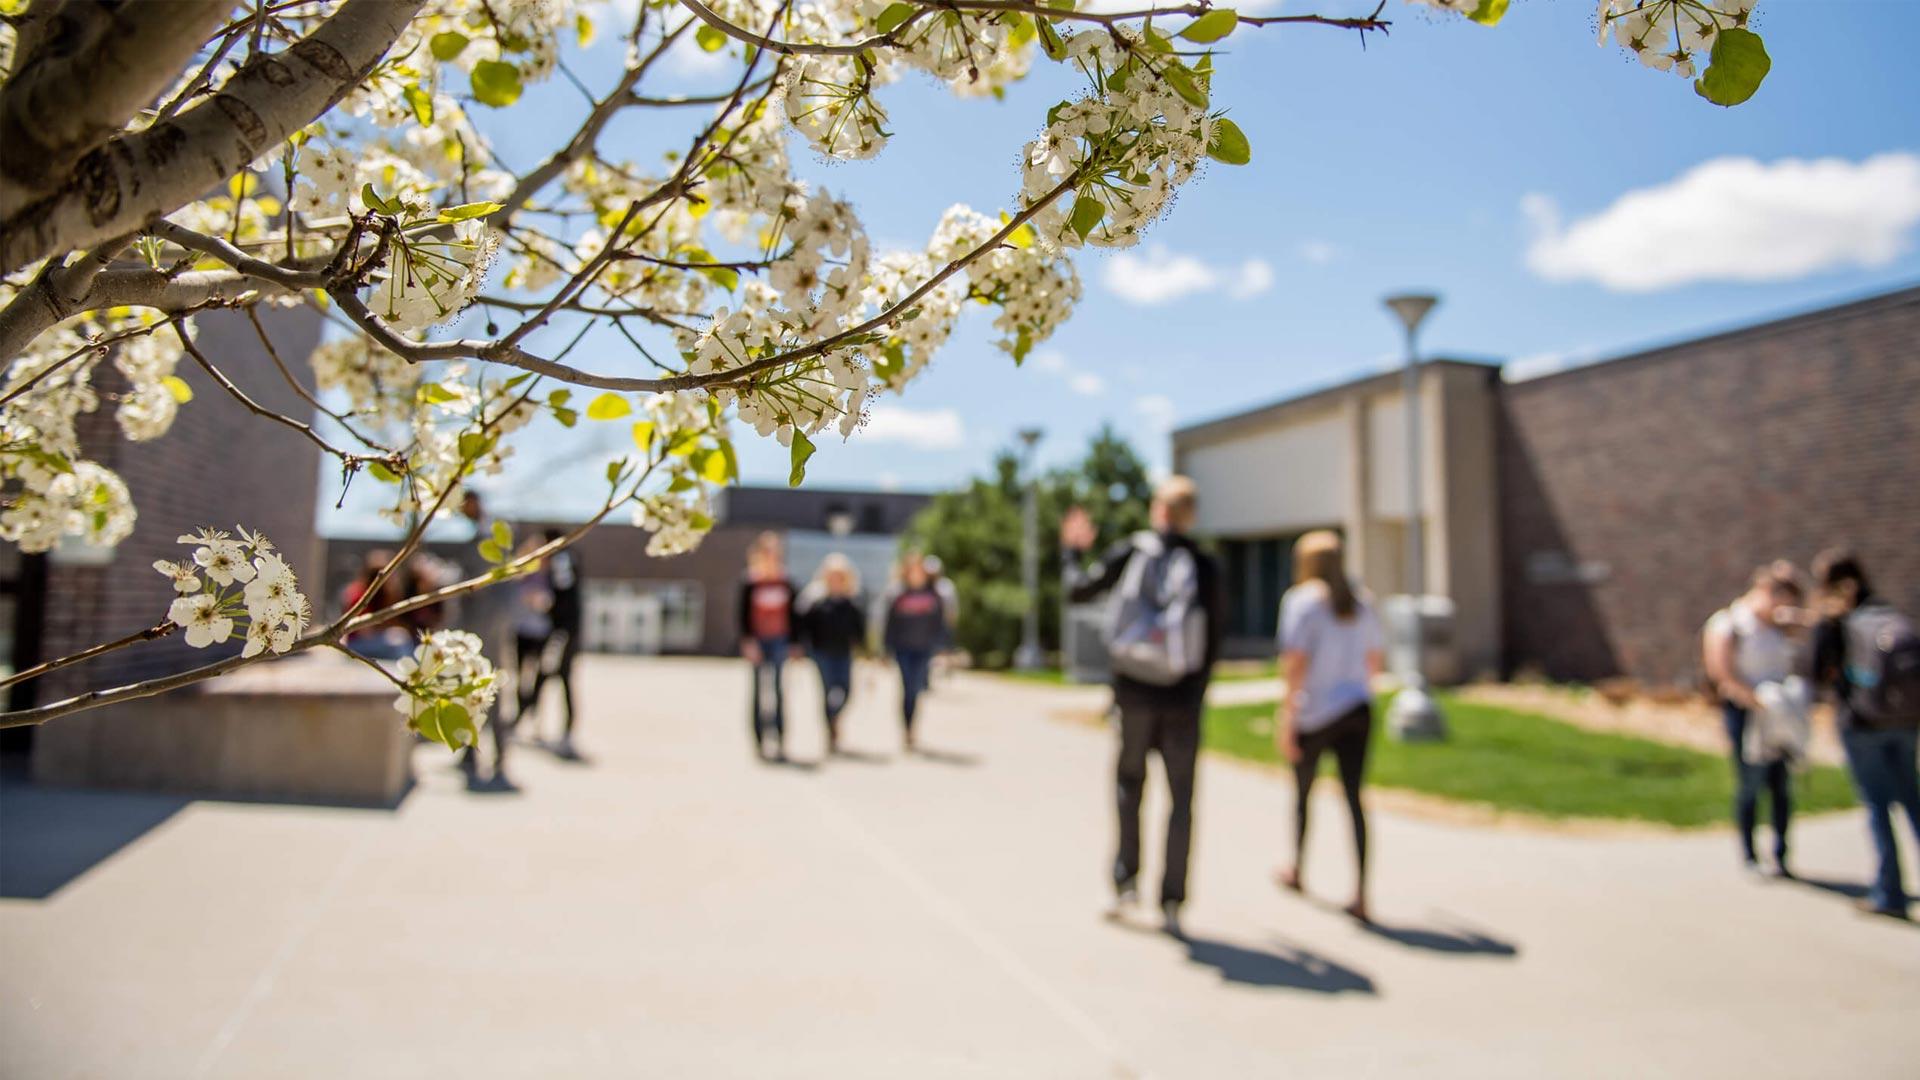 Northeast Community College's Campus